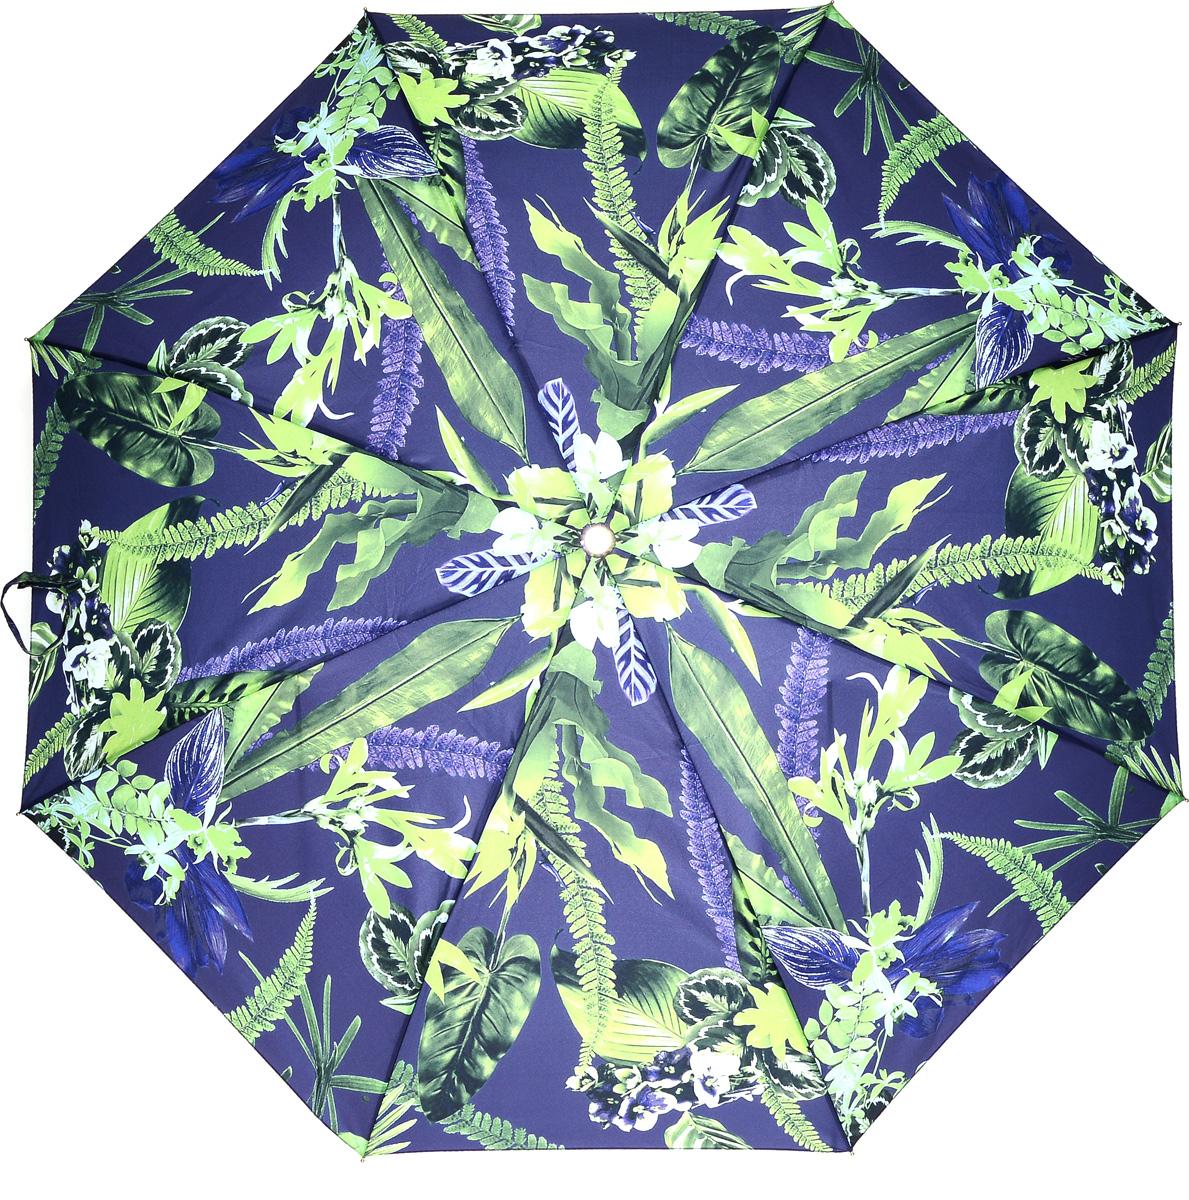 M&P 5863-3 Зонт полный автом. 3 сл. жен.5863-3Зонт испанского производителя Clima. В производстве зонтов используются современные материалы, что делает зонты легкими, но в то же время крепкими. Полный автомат, 3 сложения, 8 спиц, полиэстер.